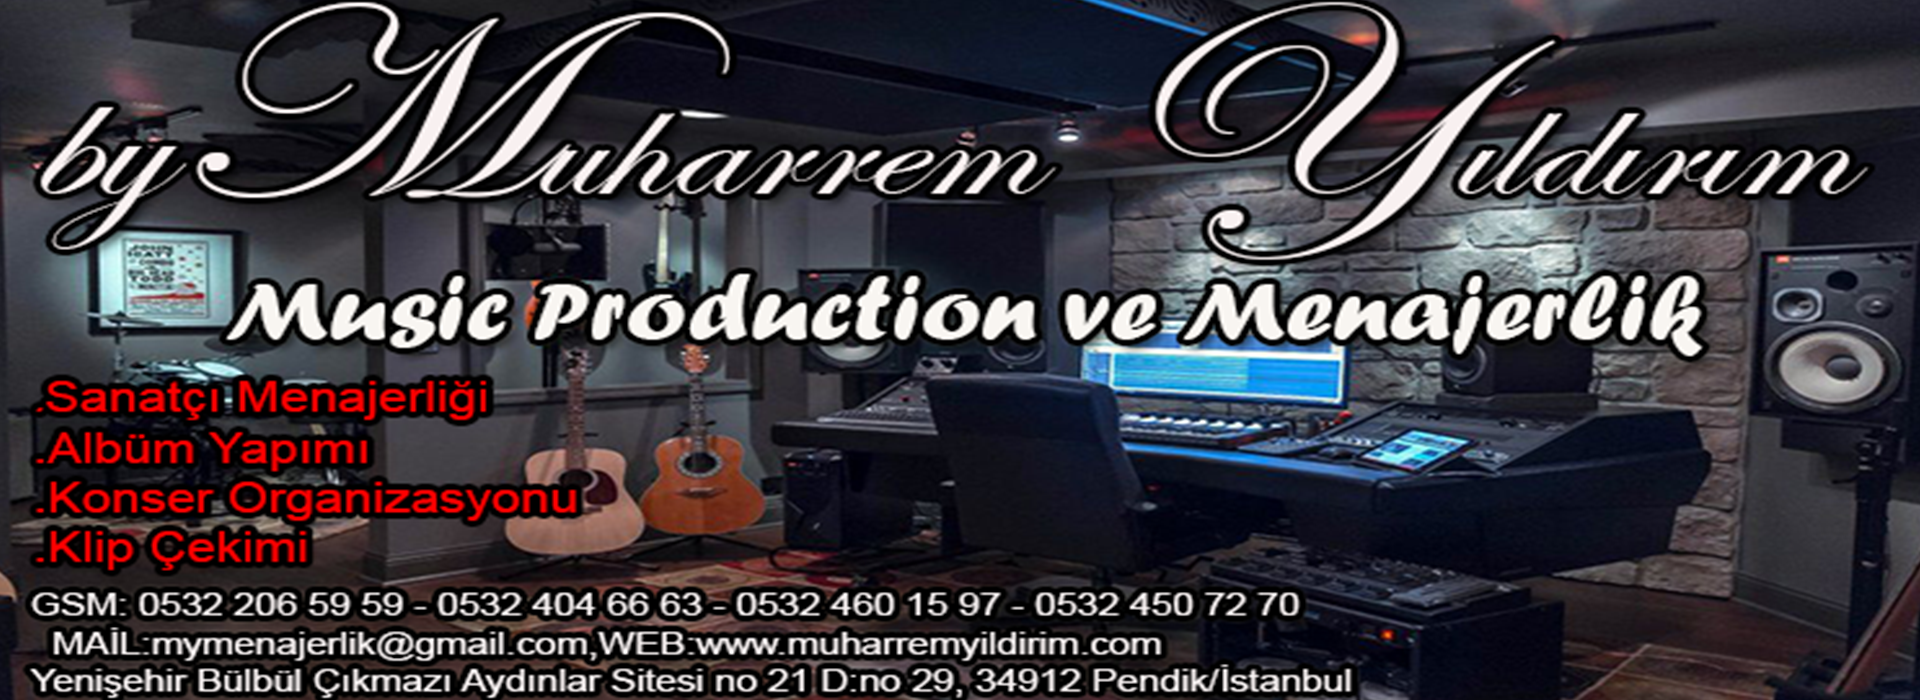 Muharrem Yıldırım Music Production ve Menajerlik İletişim / 0532 206 59 59